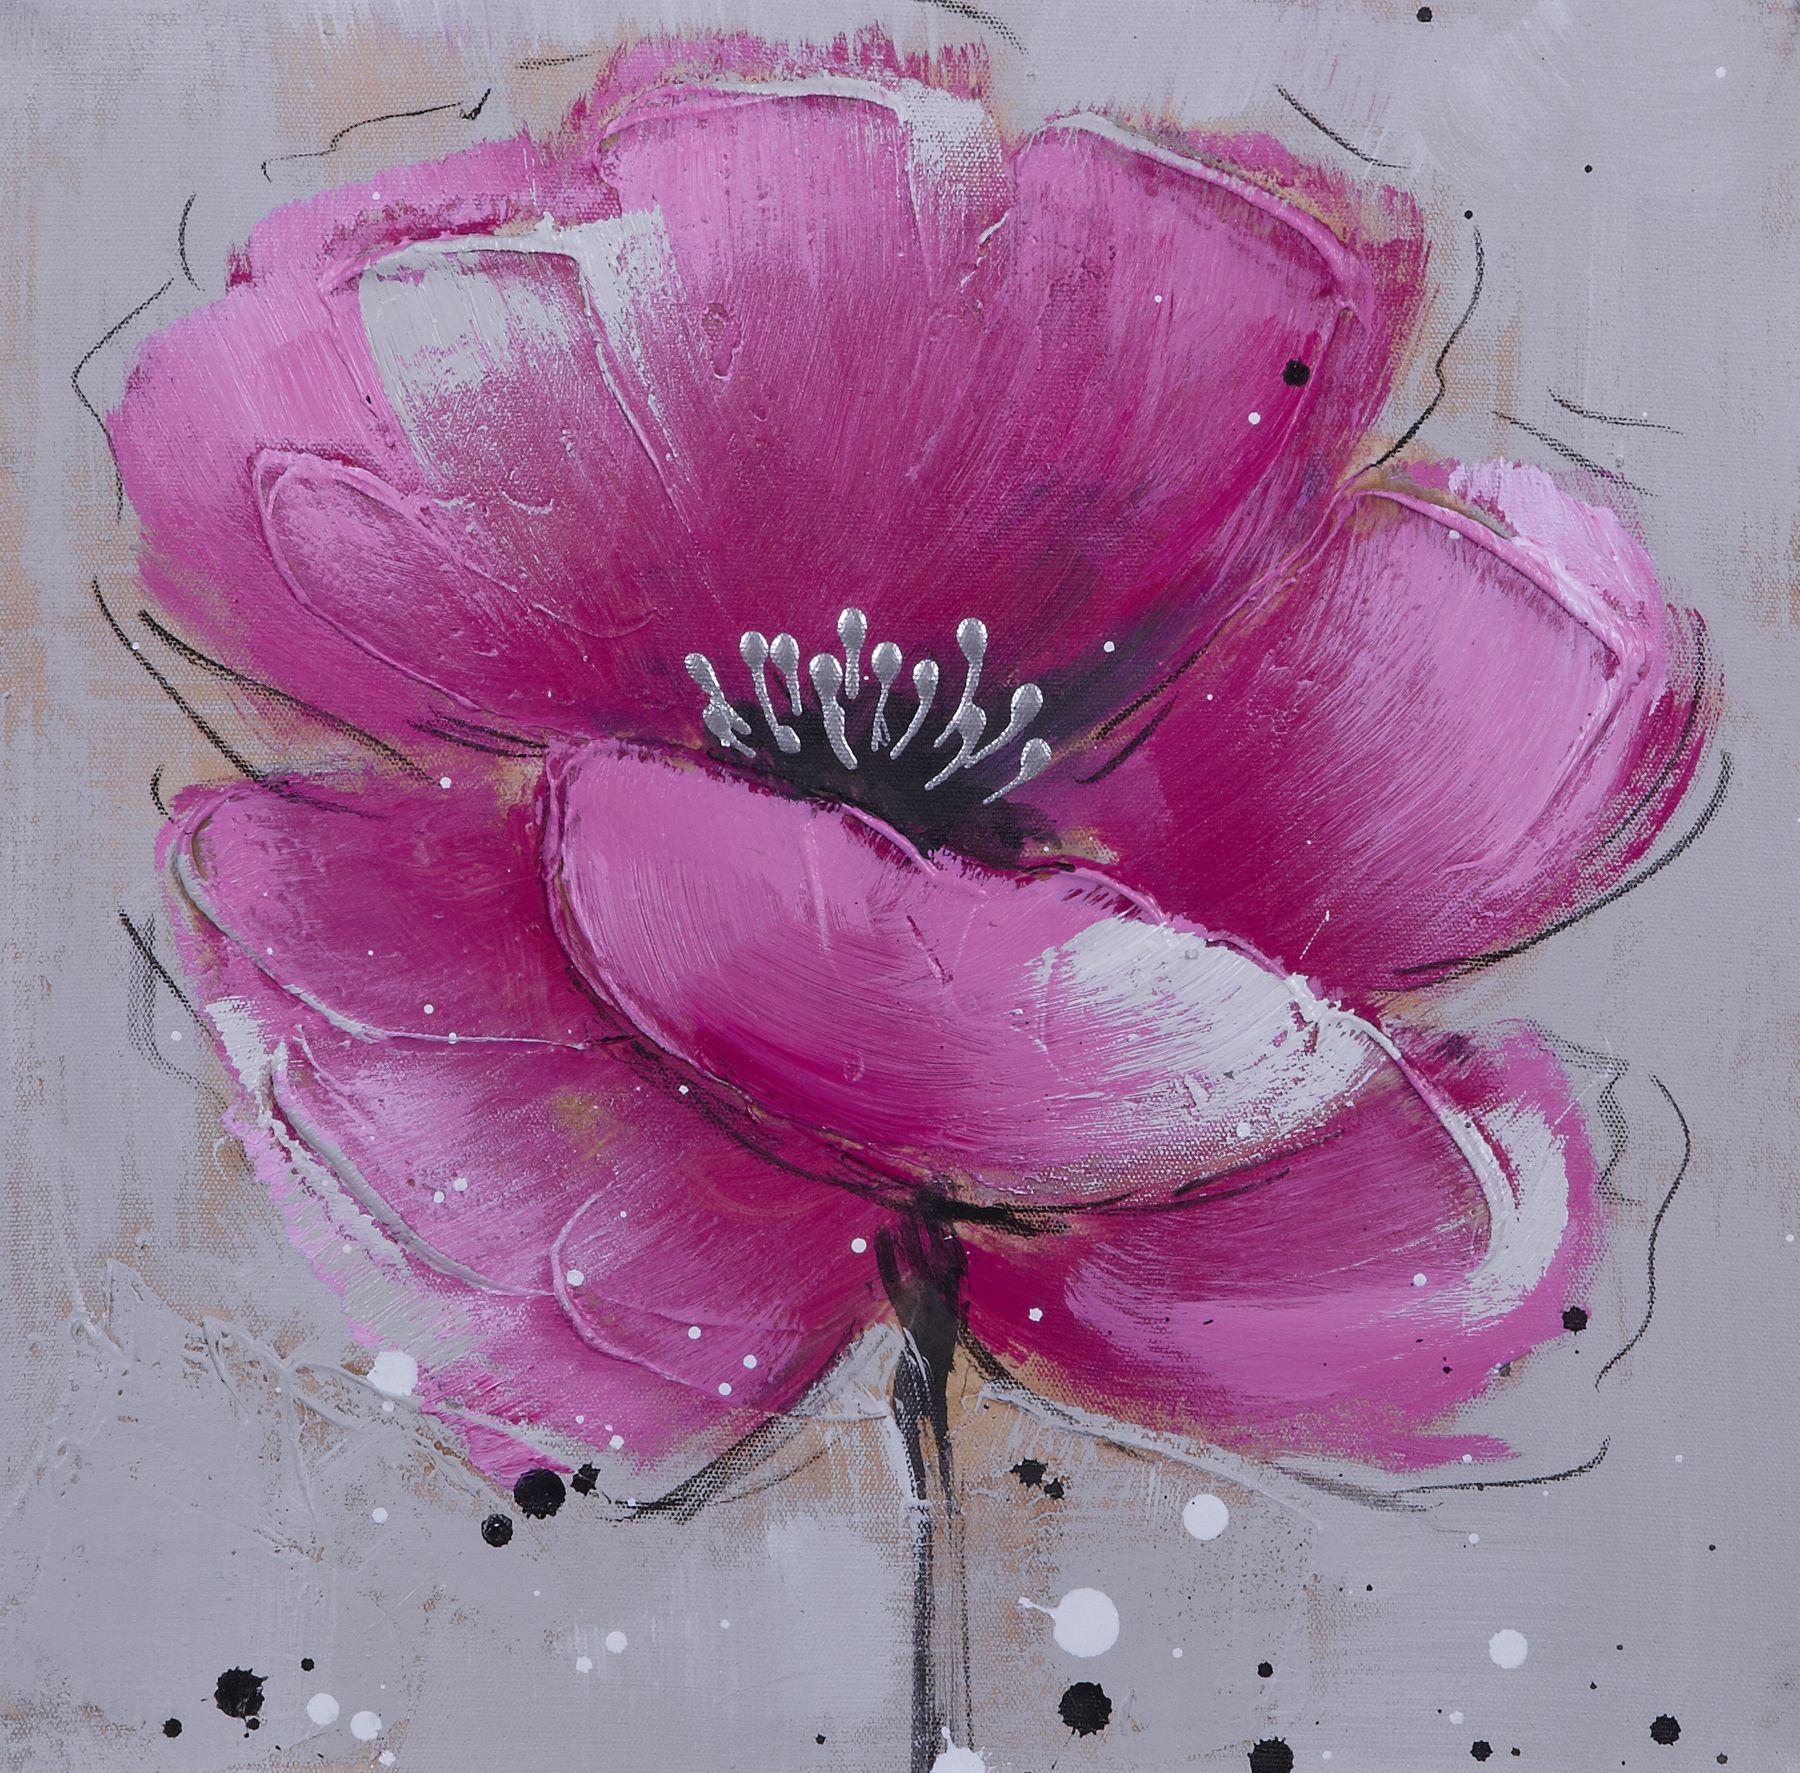 tableau peinture sur toile fleur velvet flowery 3 1 800 1 773 pixels peinture. Black Bedroom Furniture Sets. Home Design Ideas